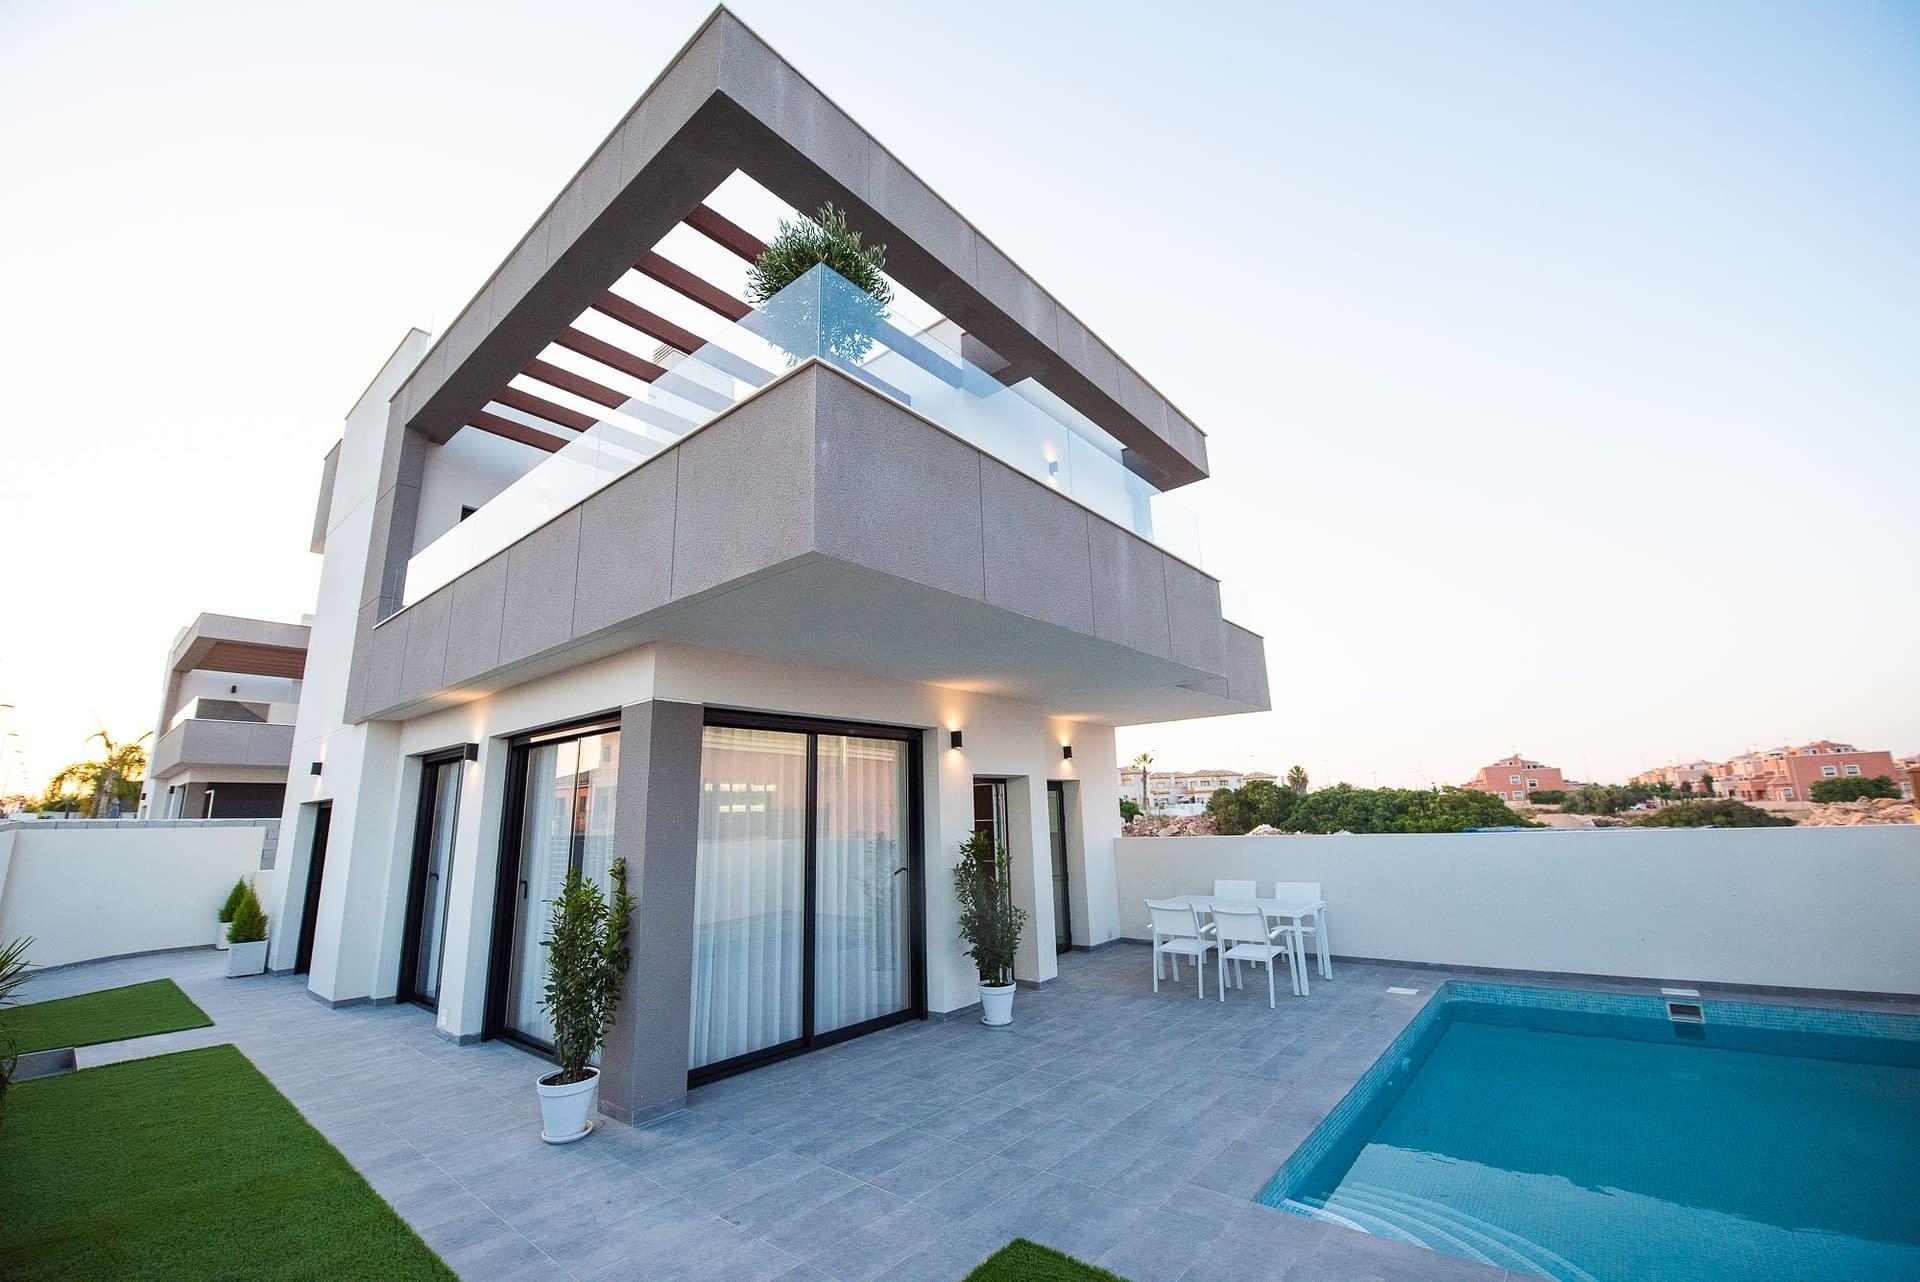 Moderne zweistöckige Villen in Los Montesinos